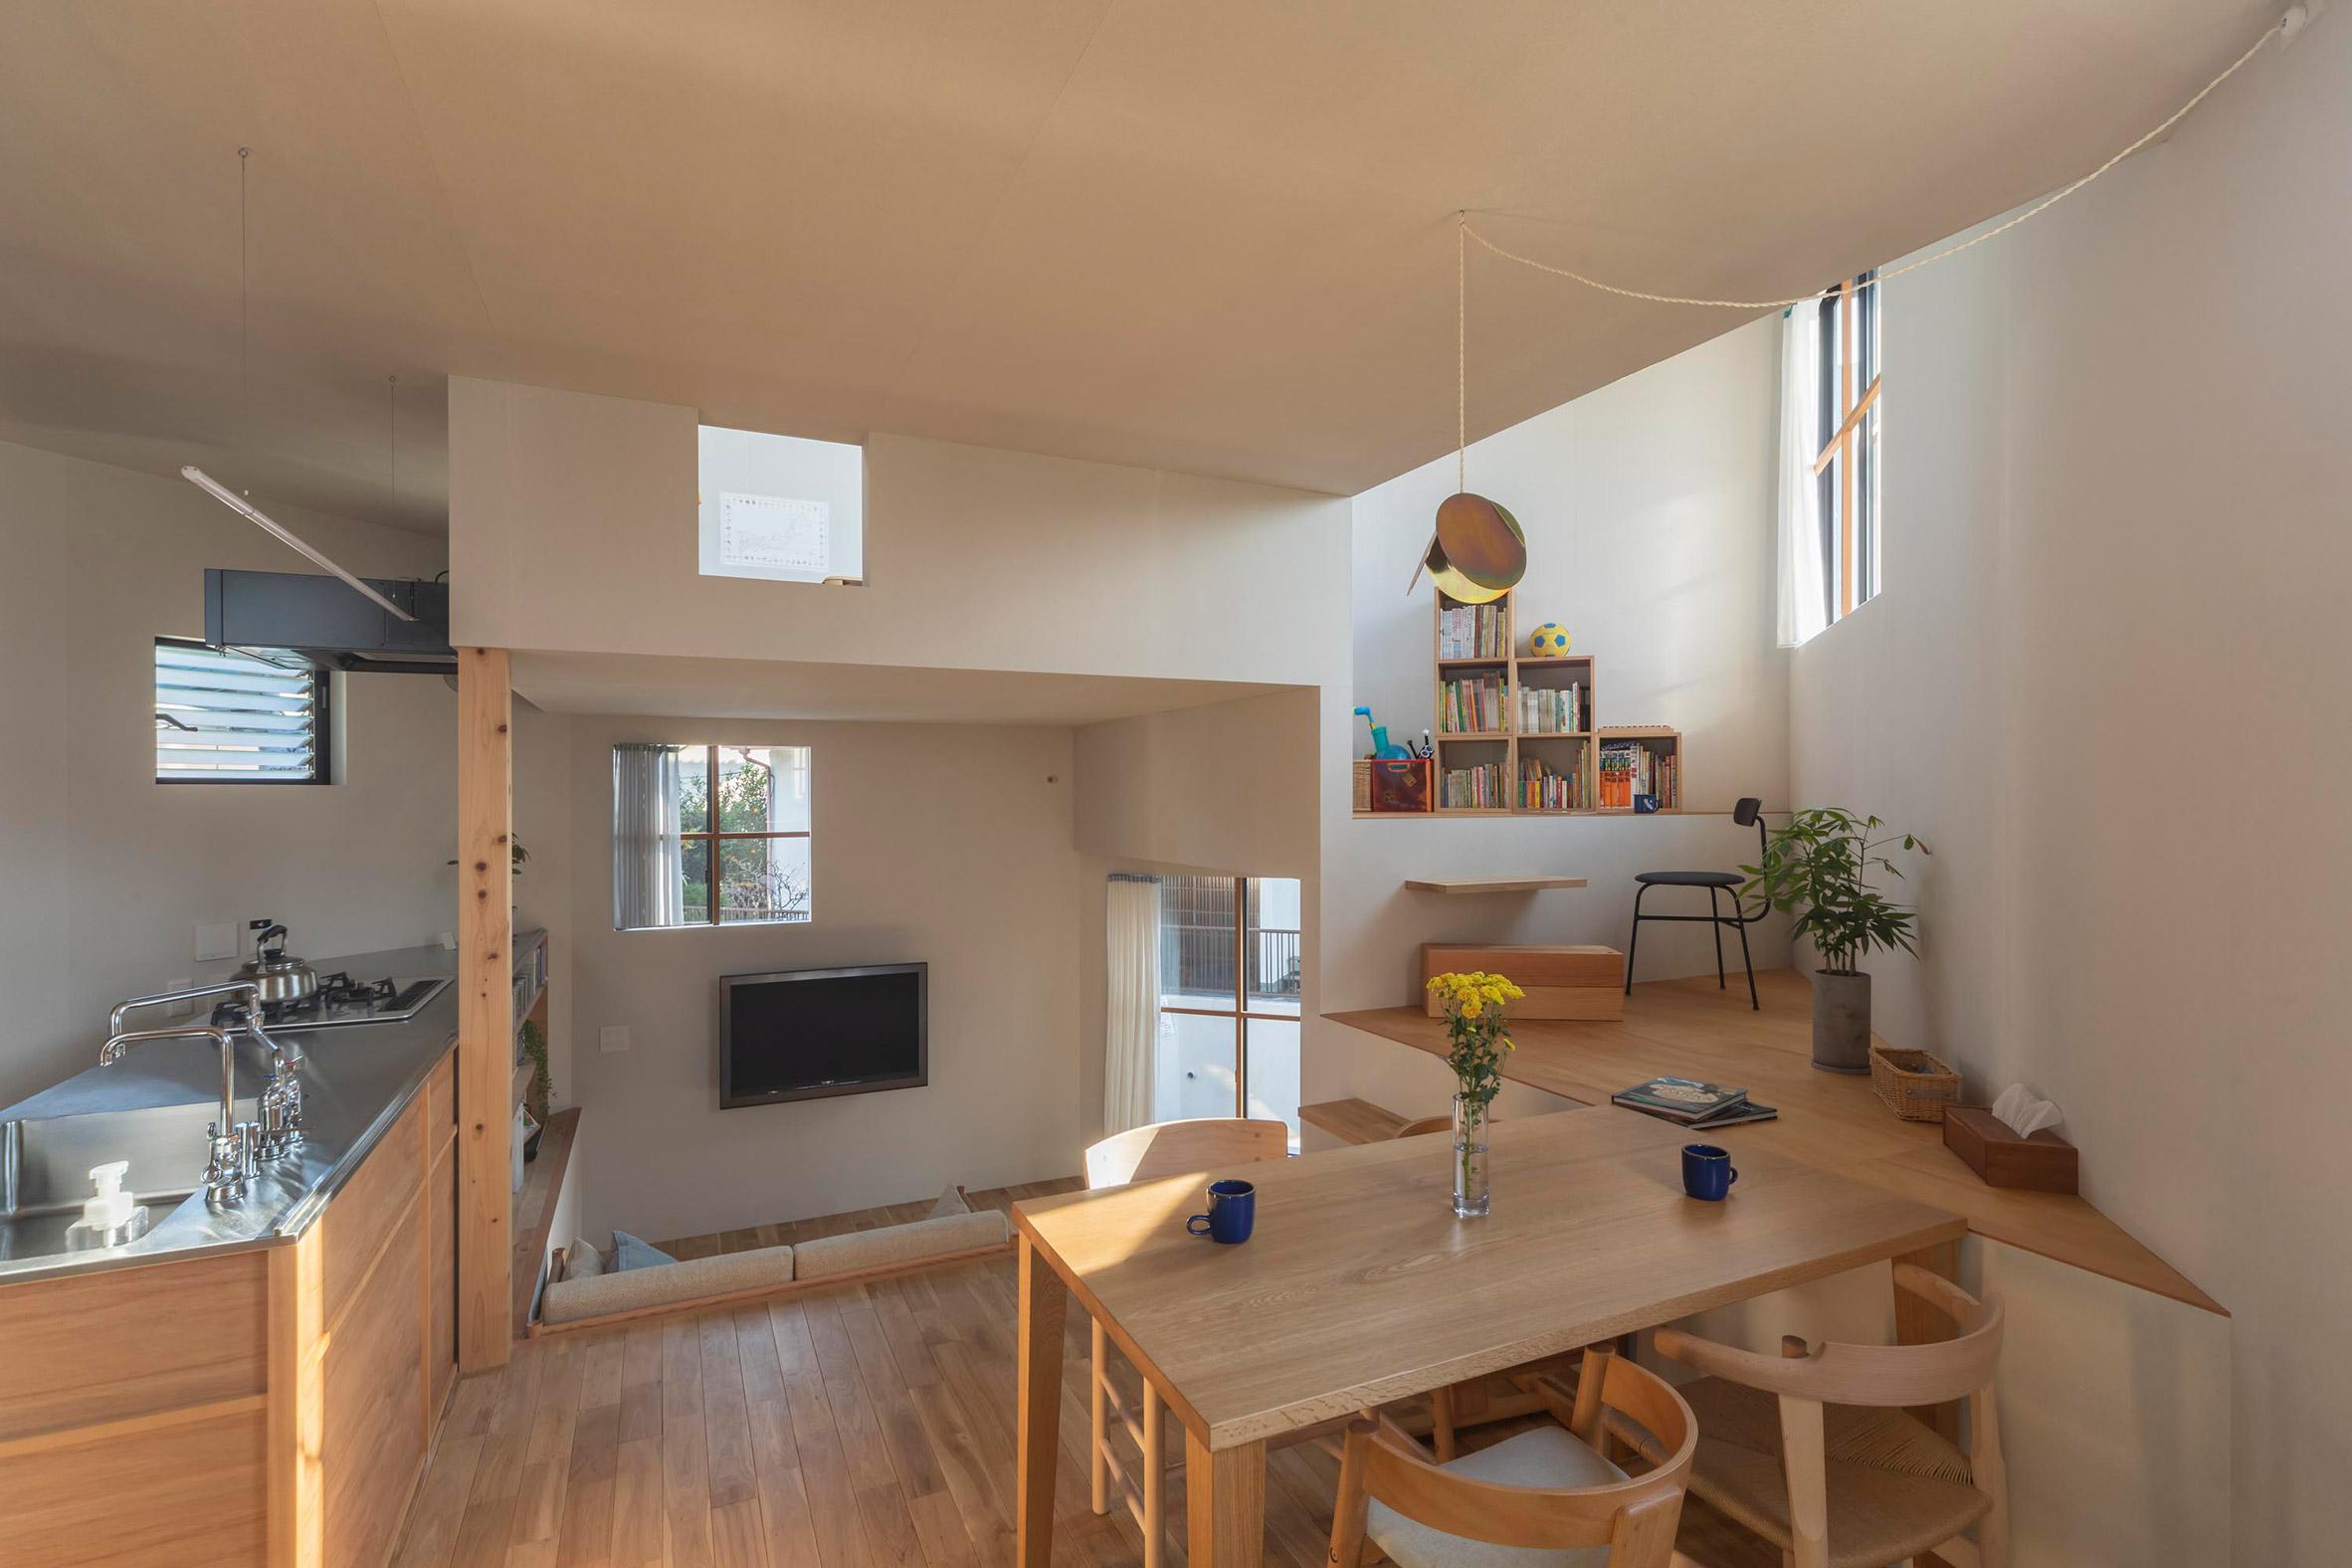 Thiết kế nội thất căn hộ nhỏ 17